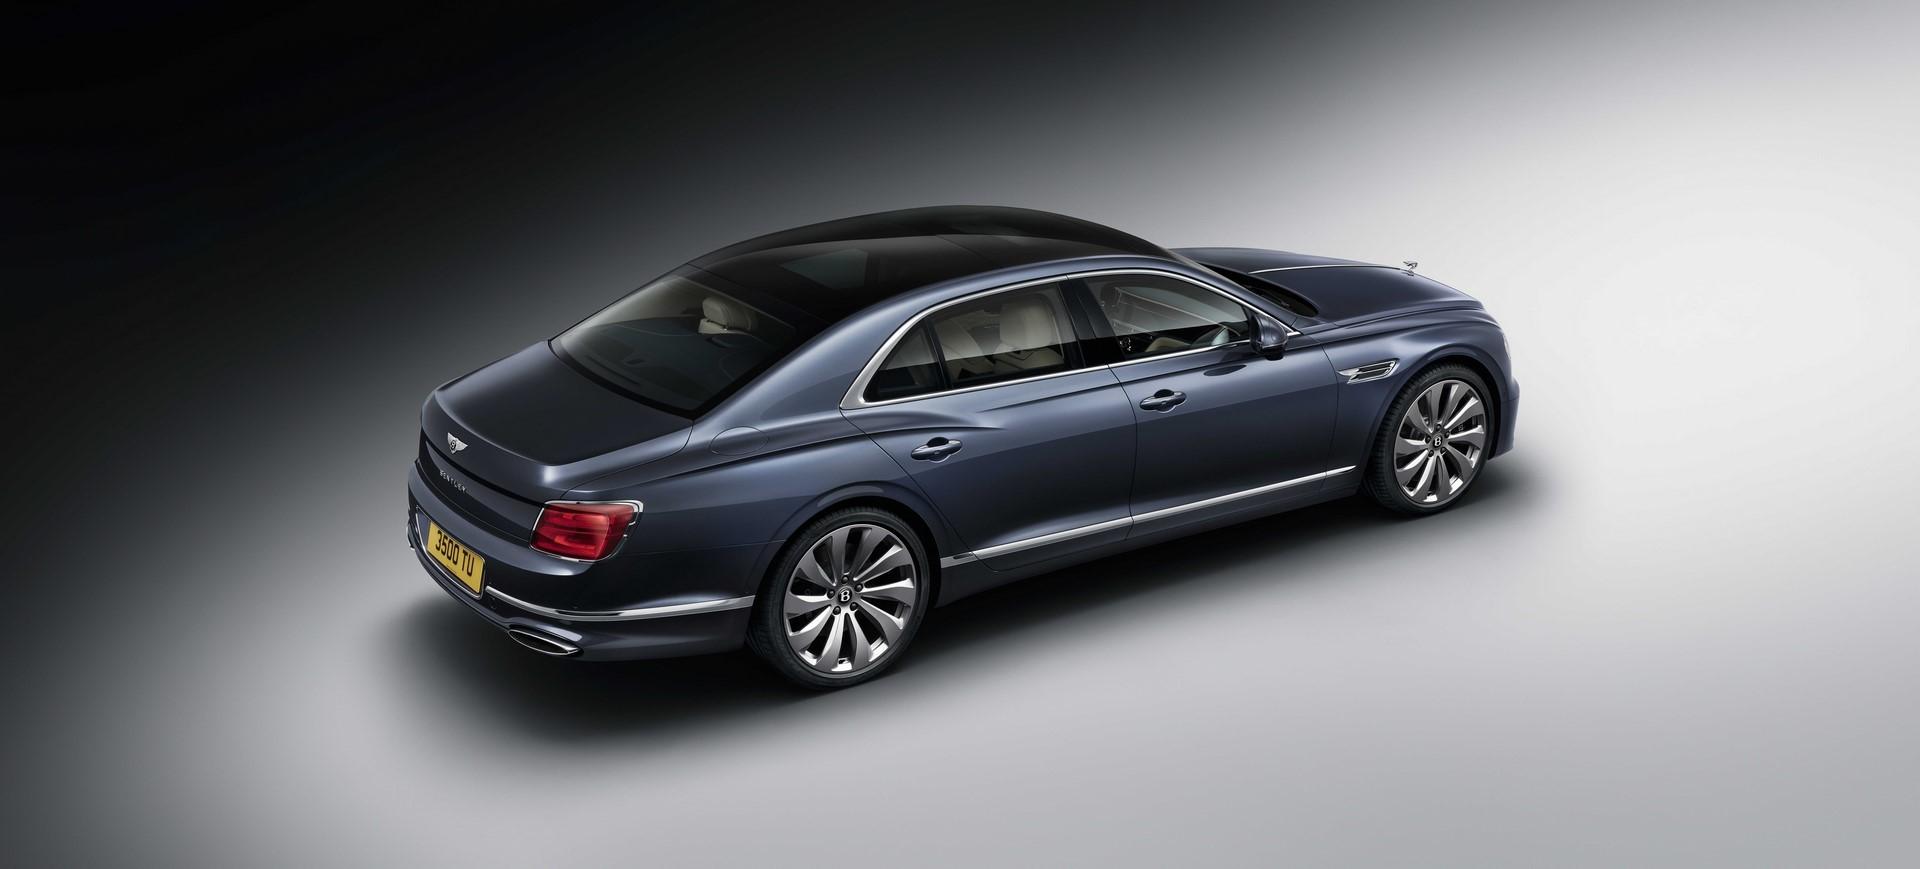 New-Bentley-Flying-Spur-4